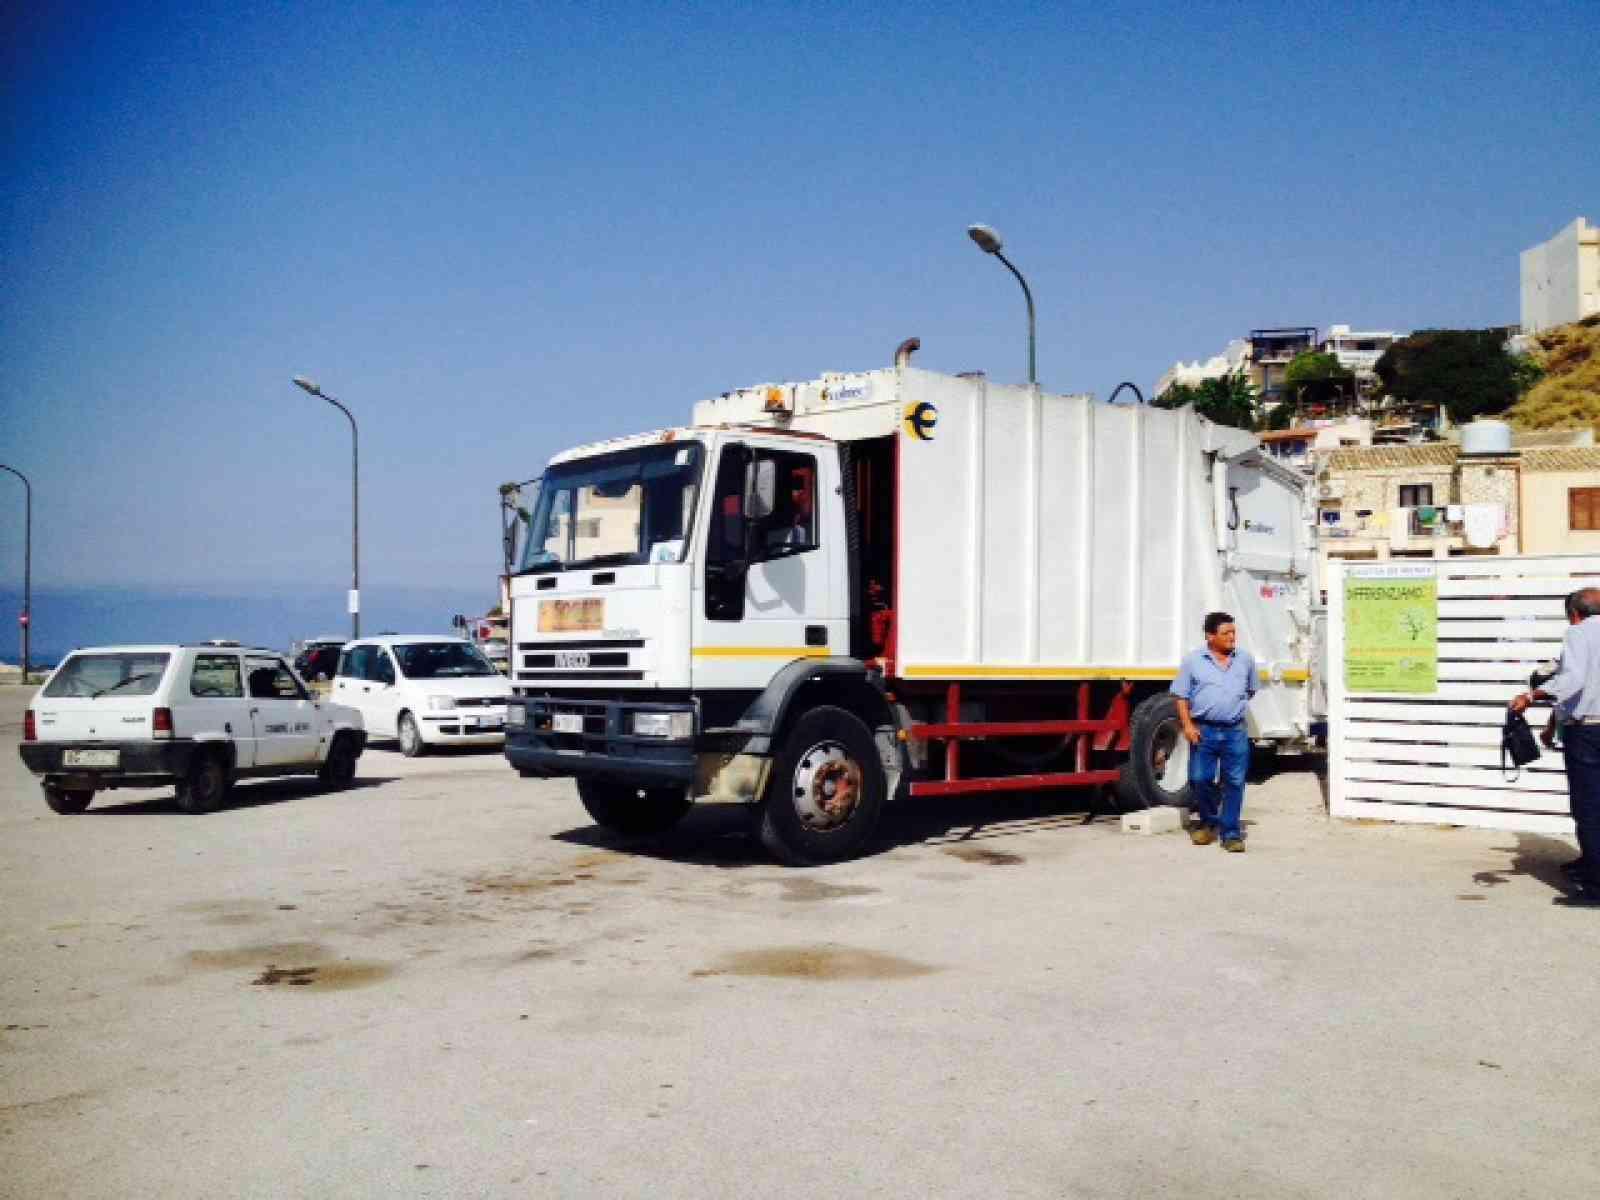 Menfi. Chiude la discarica di Sciacca, i rifiuti vanno a Siculiana. Il Comune chiede maggiore senso civico alla cittadinanza